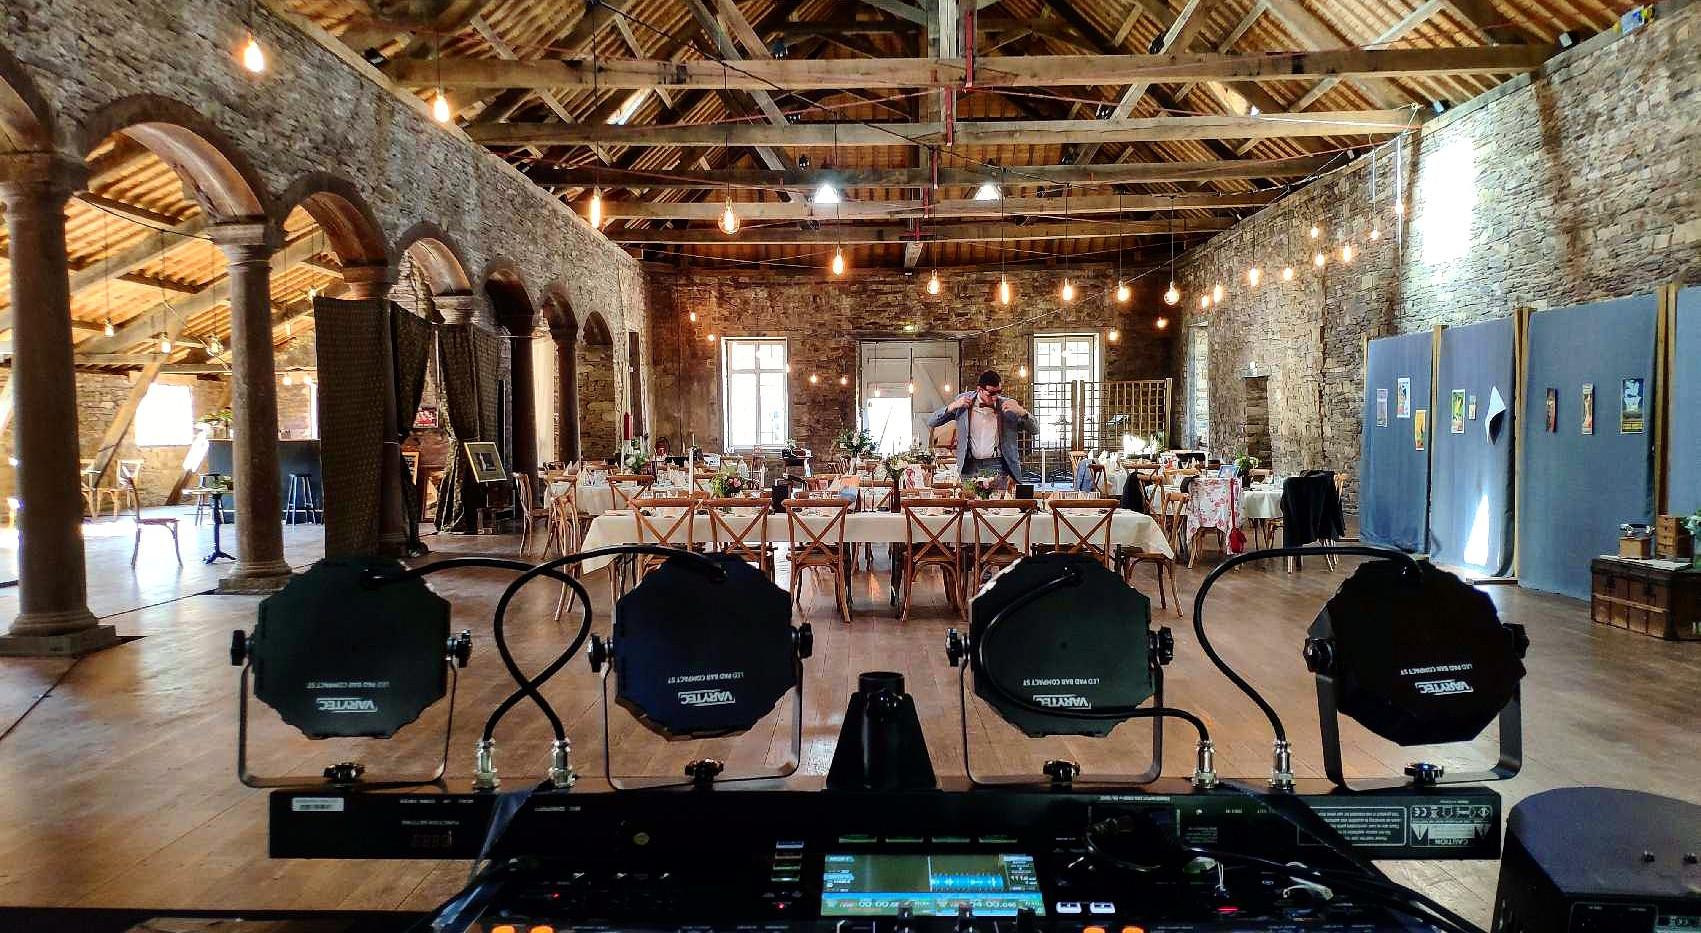 DJ Mabel, Mabel Jazz Band, DJ K7, soirées dansantes, Bal, mariages, entreprises, séminaires, soirées privées, DJ, saxophone, Grand Ouest, Bretagne, Vendée, Pays de la Loire, Nantes, Charentes, Loire Atlantique